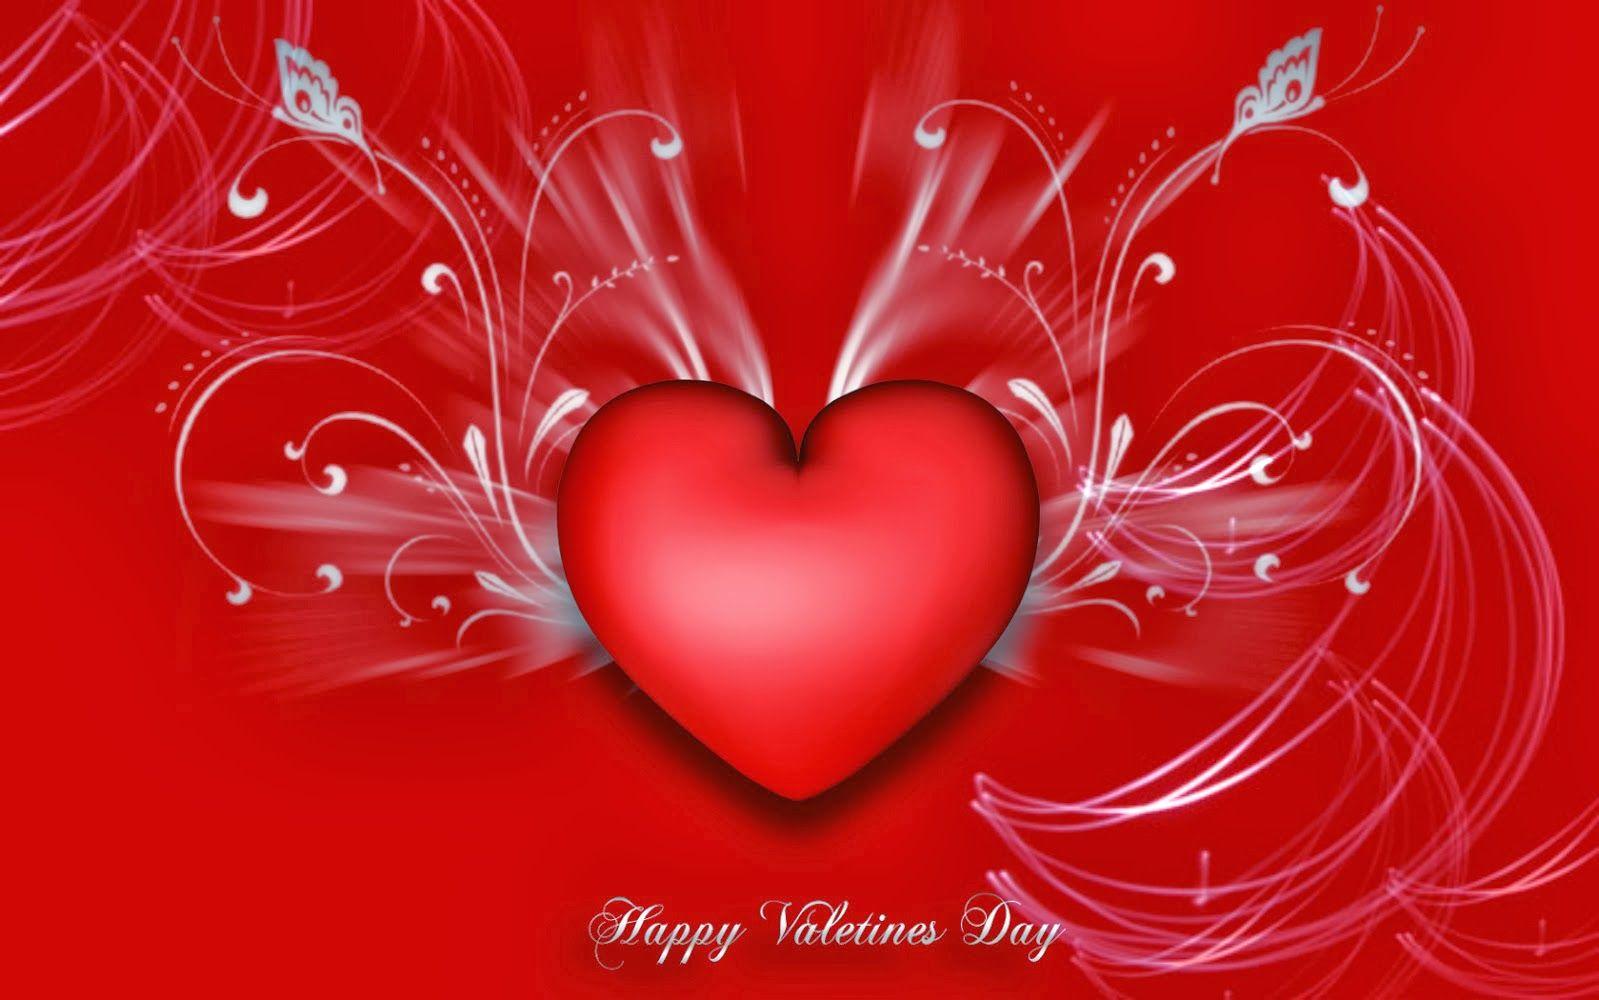 Heart Wallpaper Hd 3d Google Suche Beautiful Heart Heart Gif Love Heart